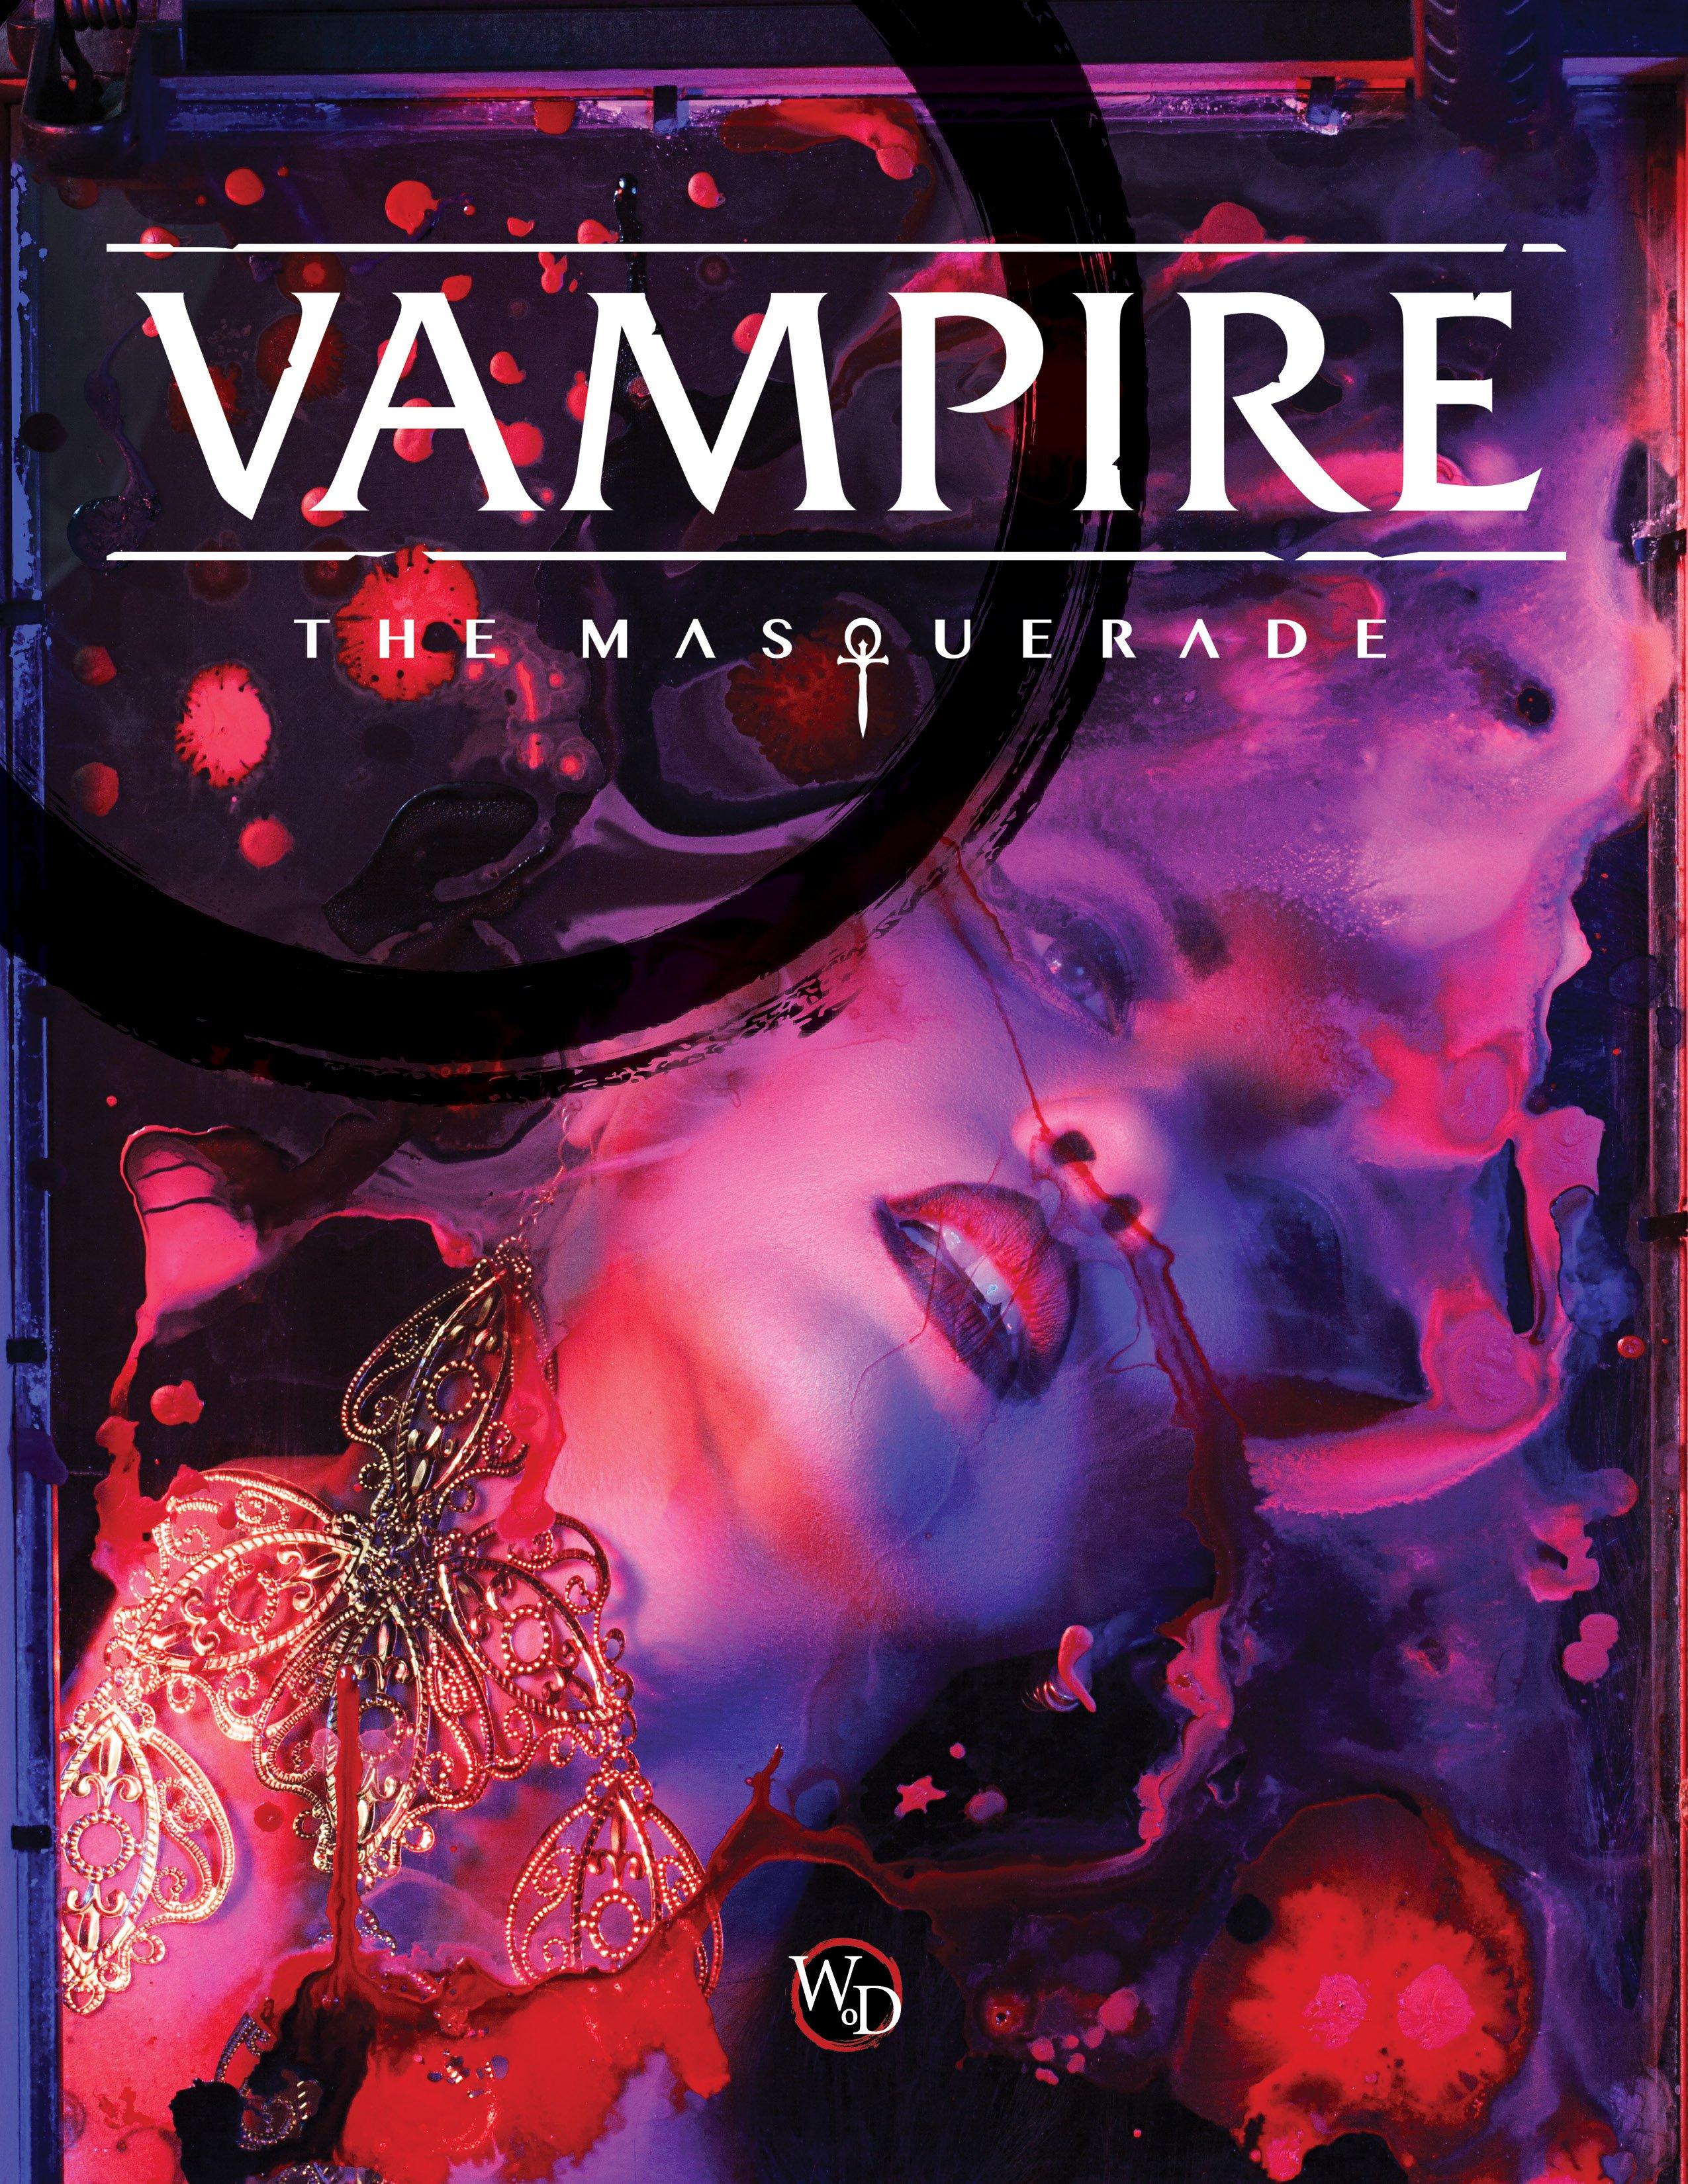 VAMPIRE THE MASQUERADE 5E - Table Top Games » Vampire The